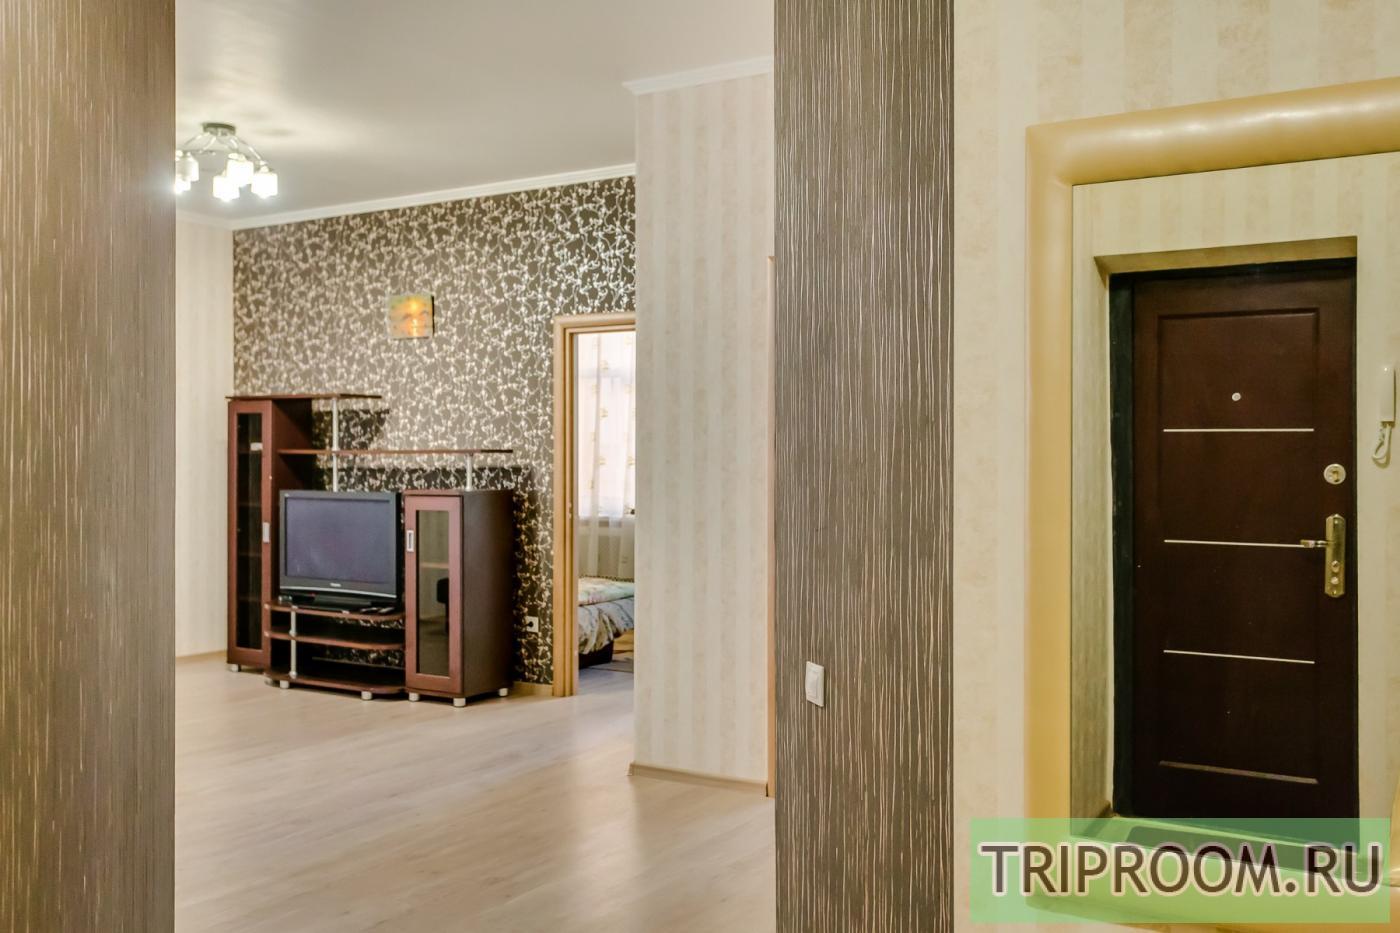 3-комнатная квартира посуточно (вариант № 23511), ул. Красноармейская улица, фото № 12